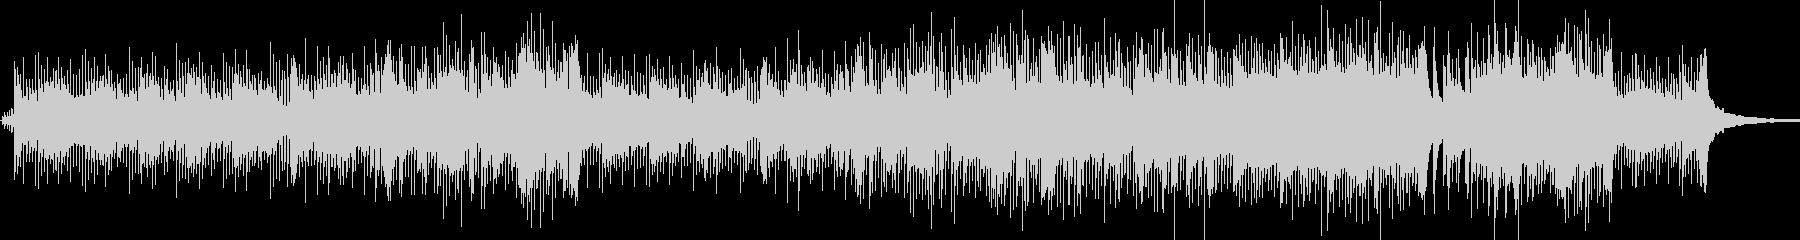 ピアノの軽快なインスト曲の未再生の波形